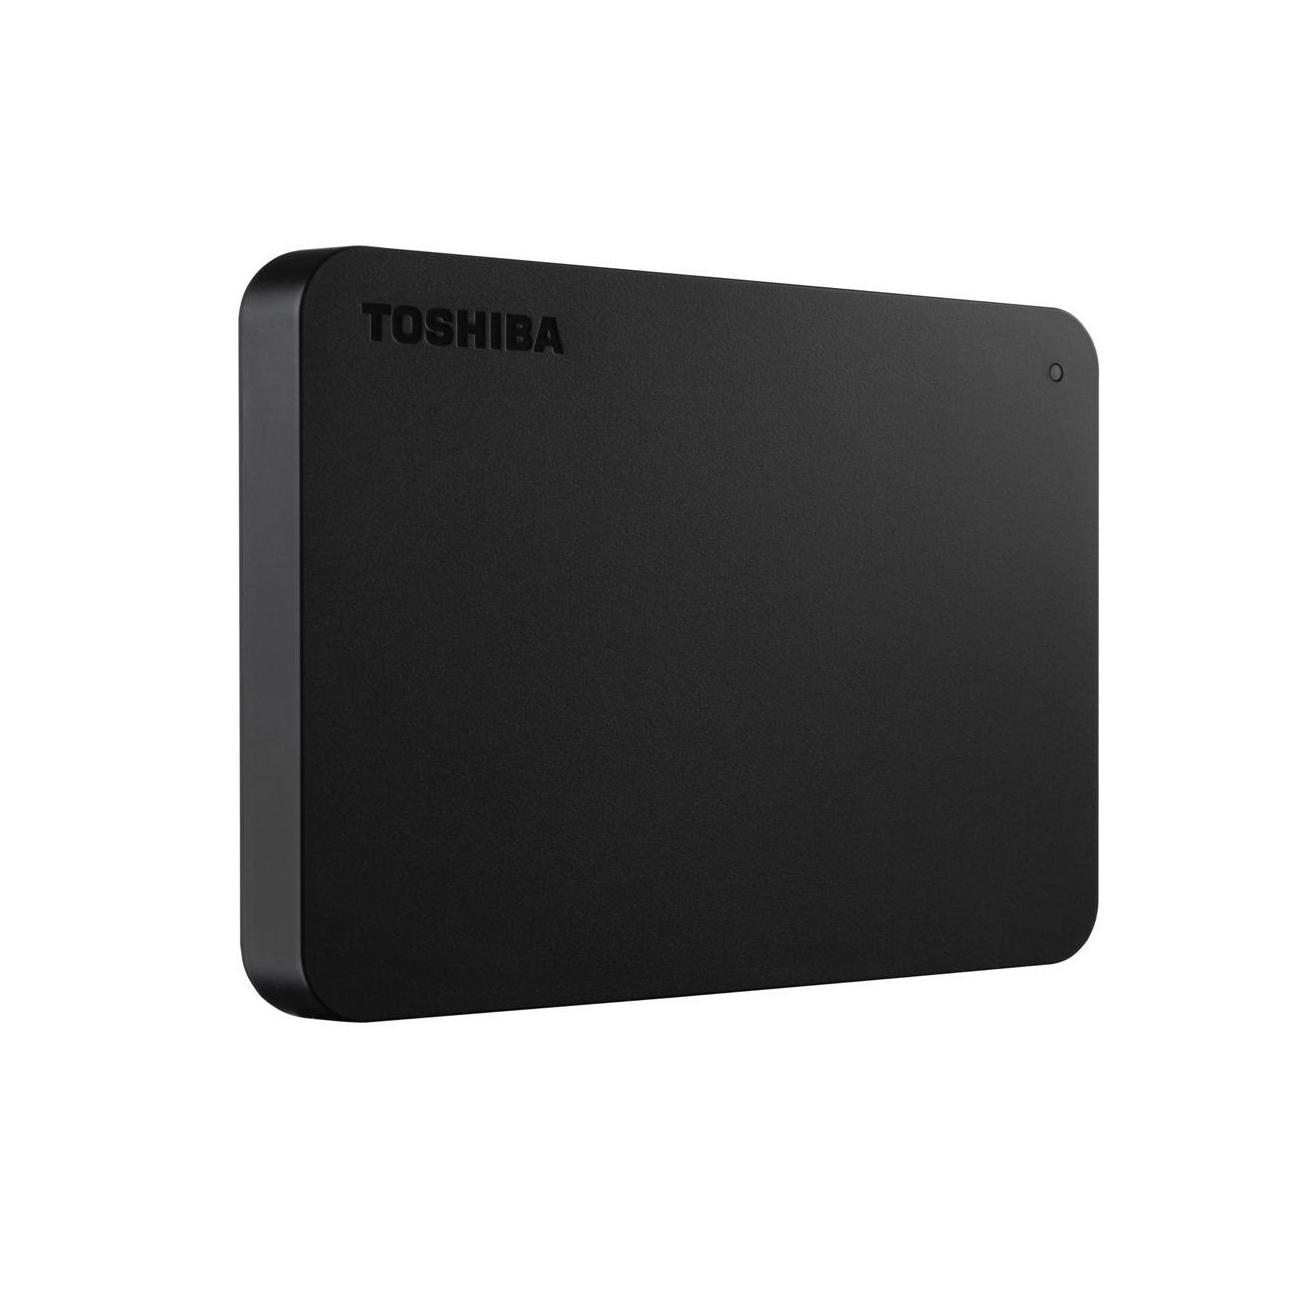 HD 4 TERRA EXTERNAL TOSHIBA CANVIO BASICS USB 3.0 BLACK ,External HDD